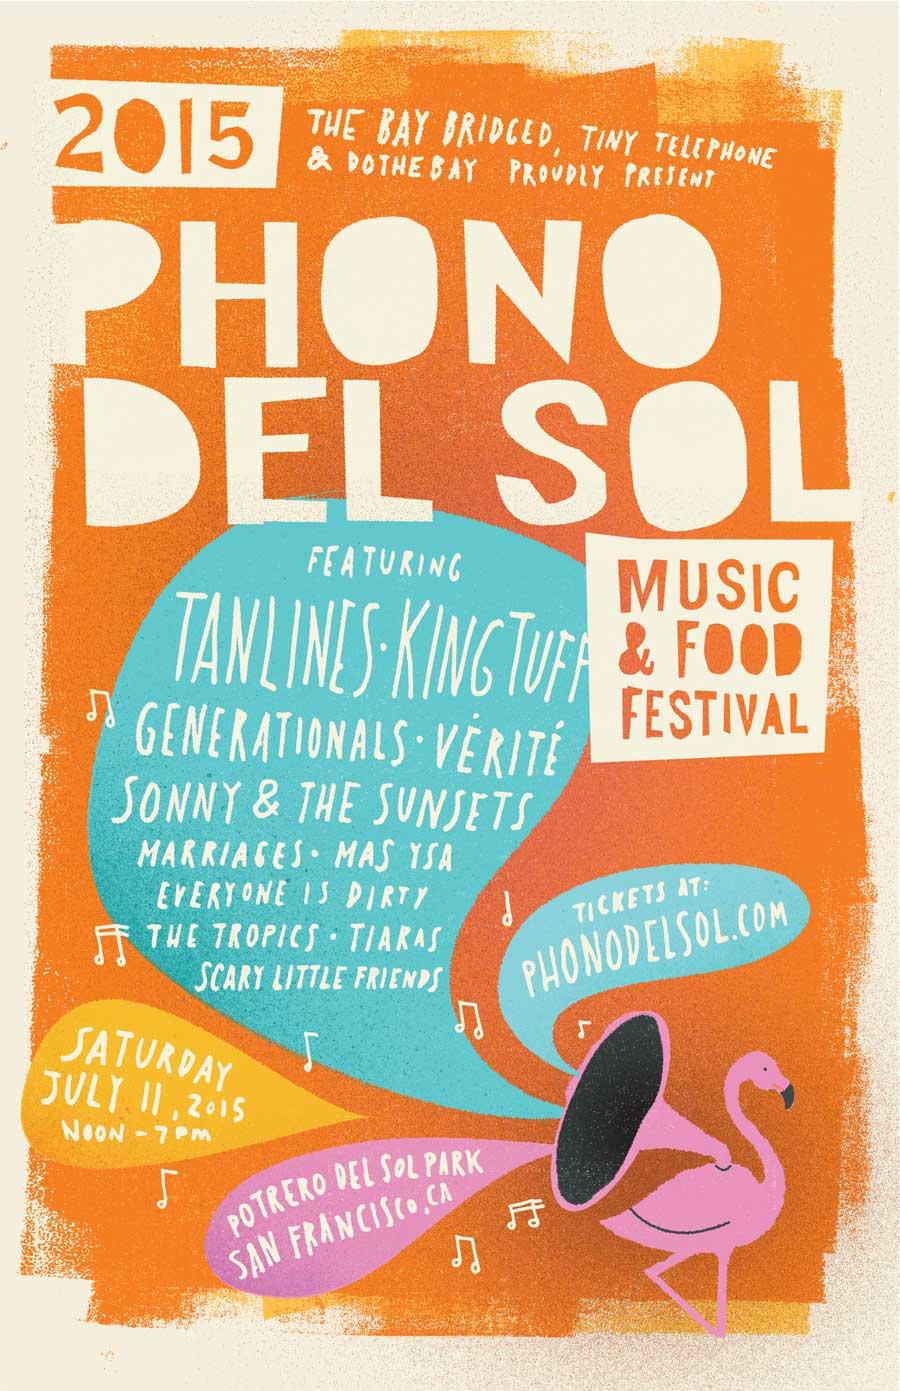 Phono del Sol 2015 Poster